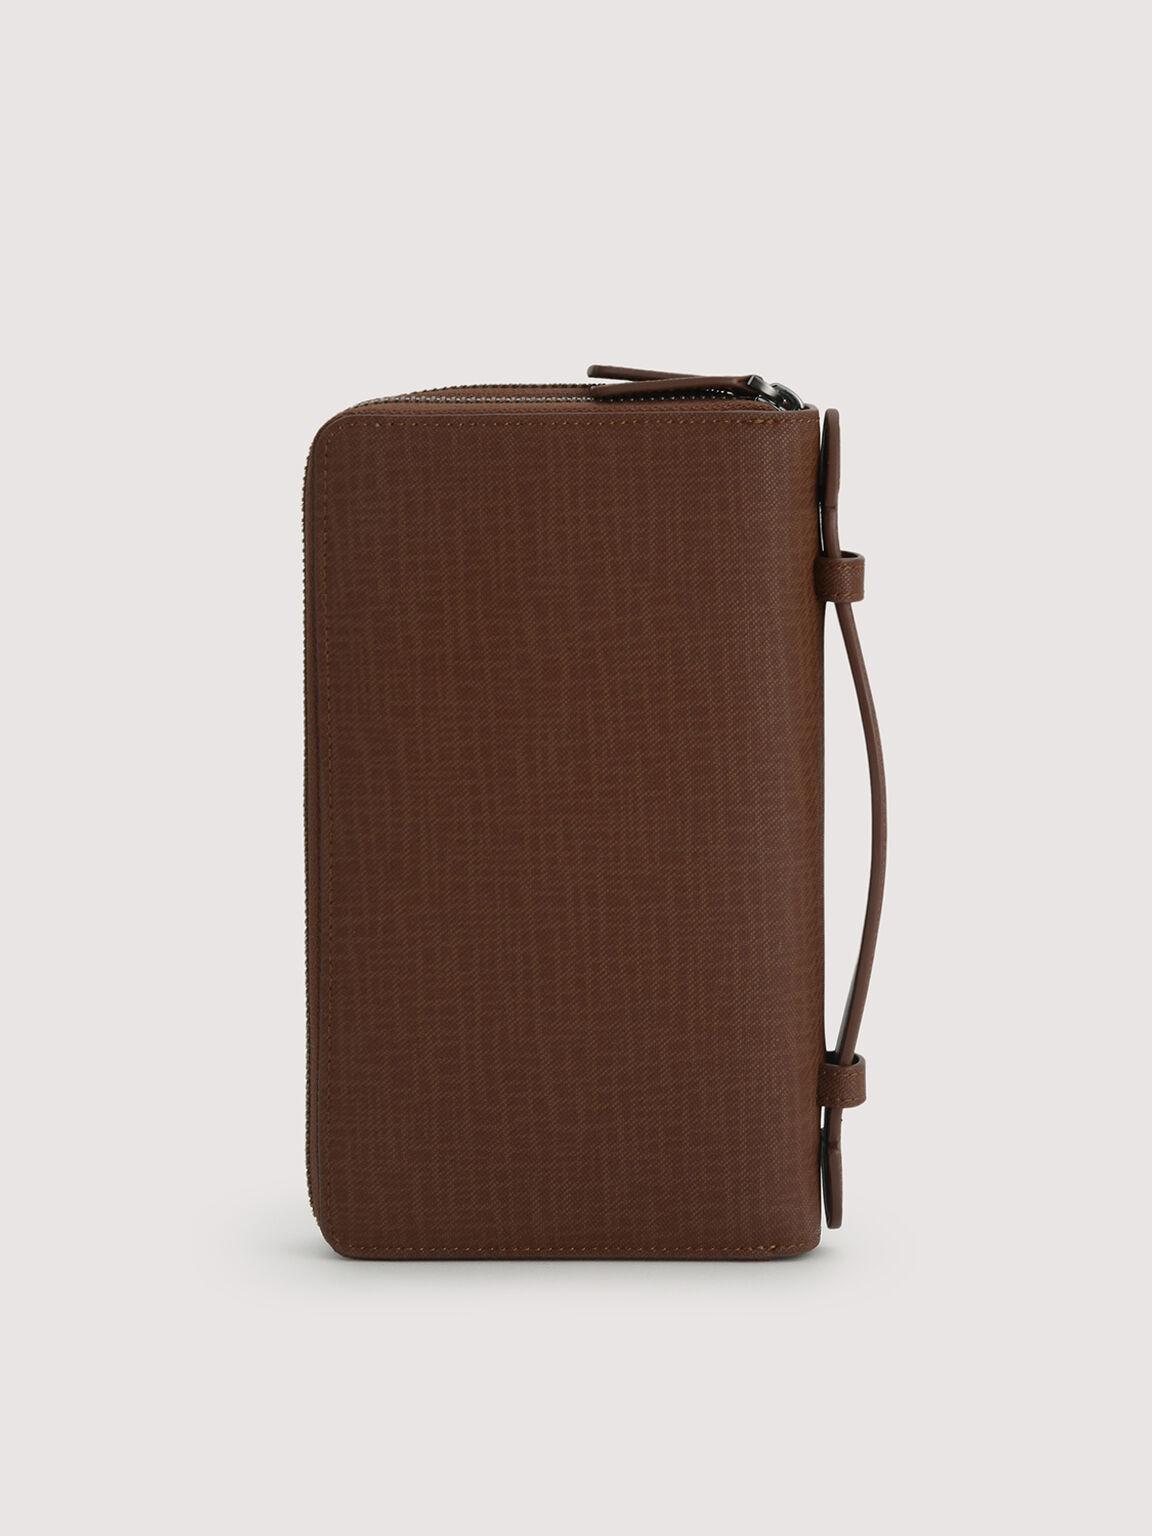 Leather Zip-Around Travel Organizer, Brown, hi-res